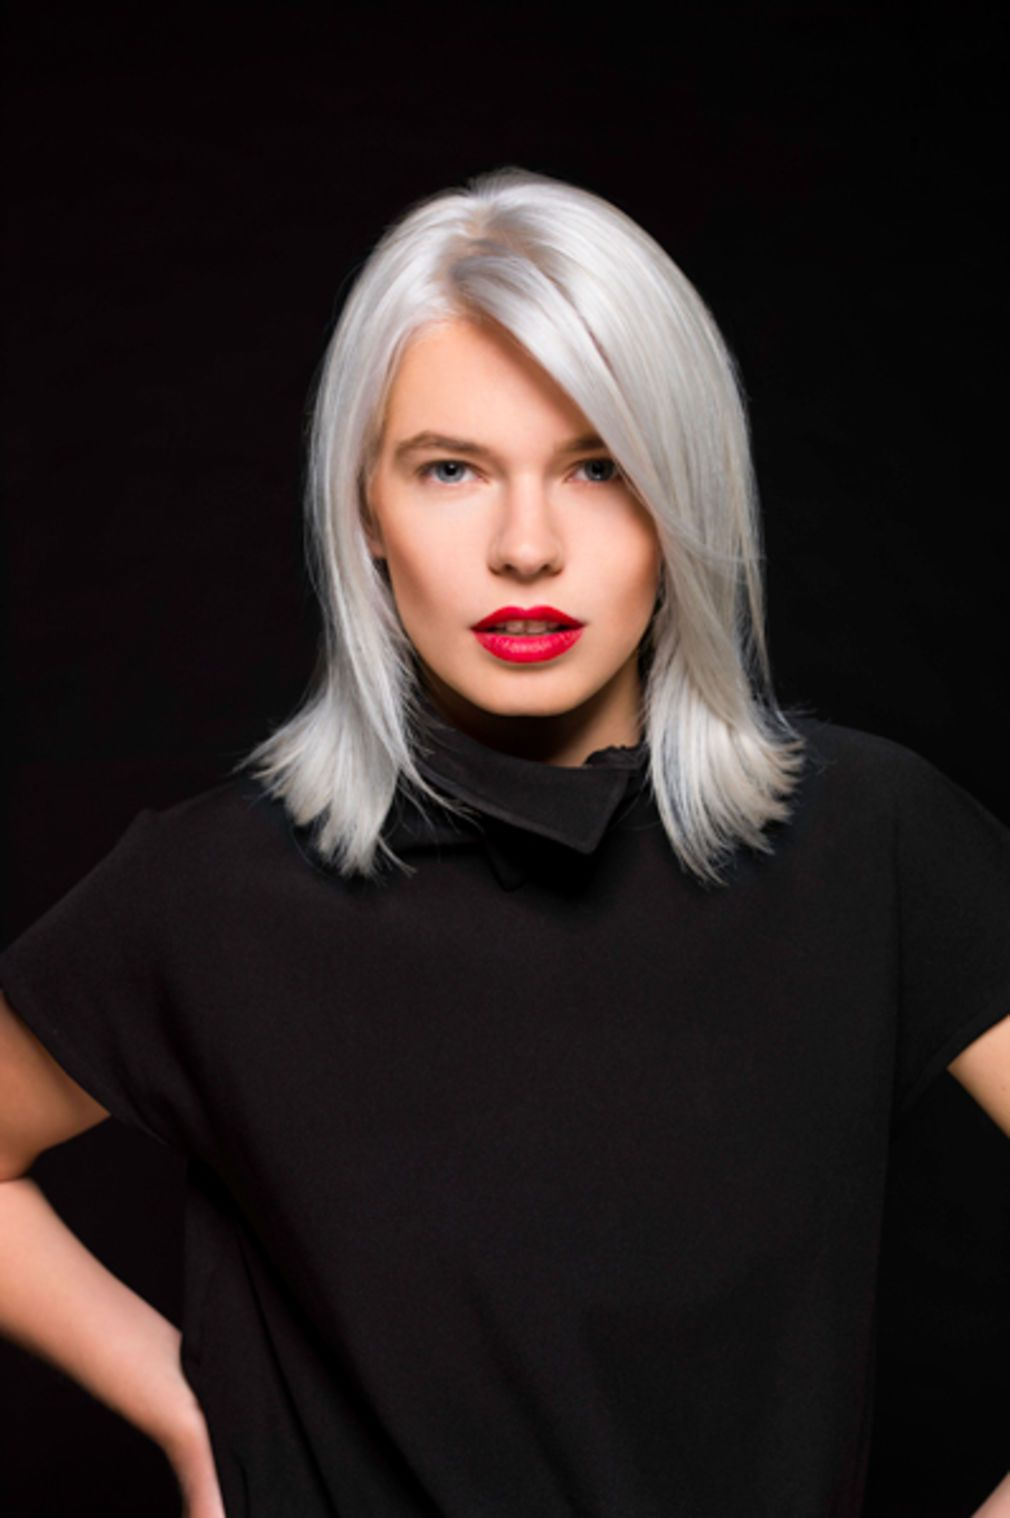 cheveux gris 50 coiffures qui ne font pas mamie pinterest cheveux gris gris et cheveux. Black Bedroom Furniture Sets. Home Design Ideas